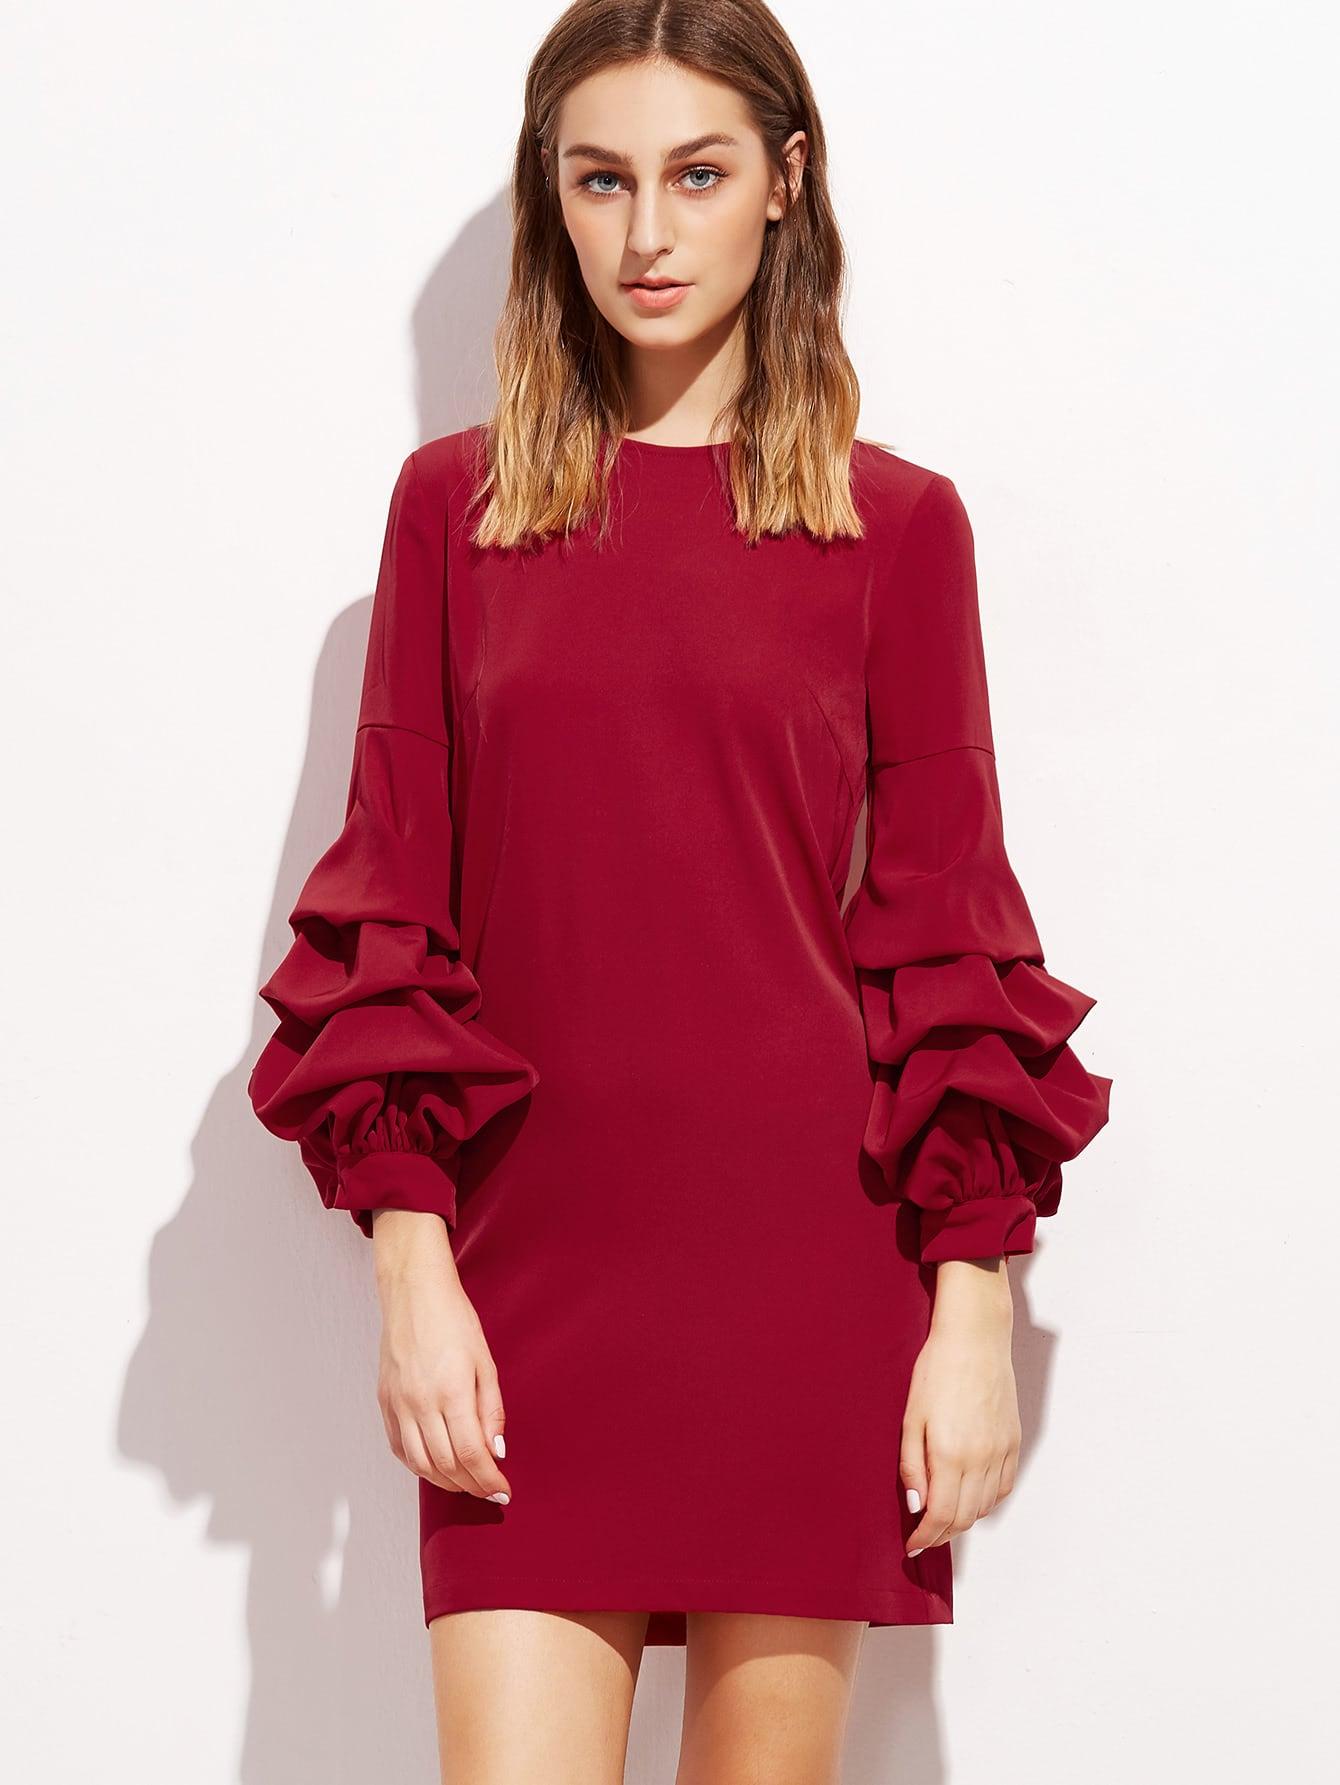 dress161007704_2